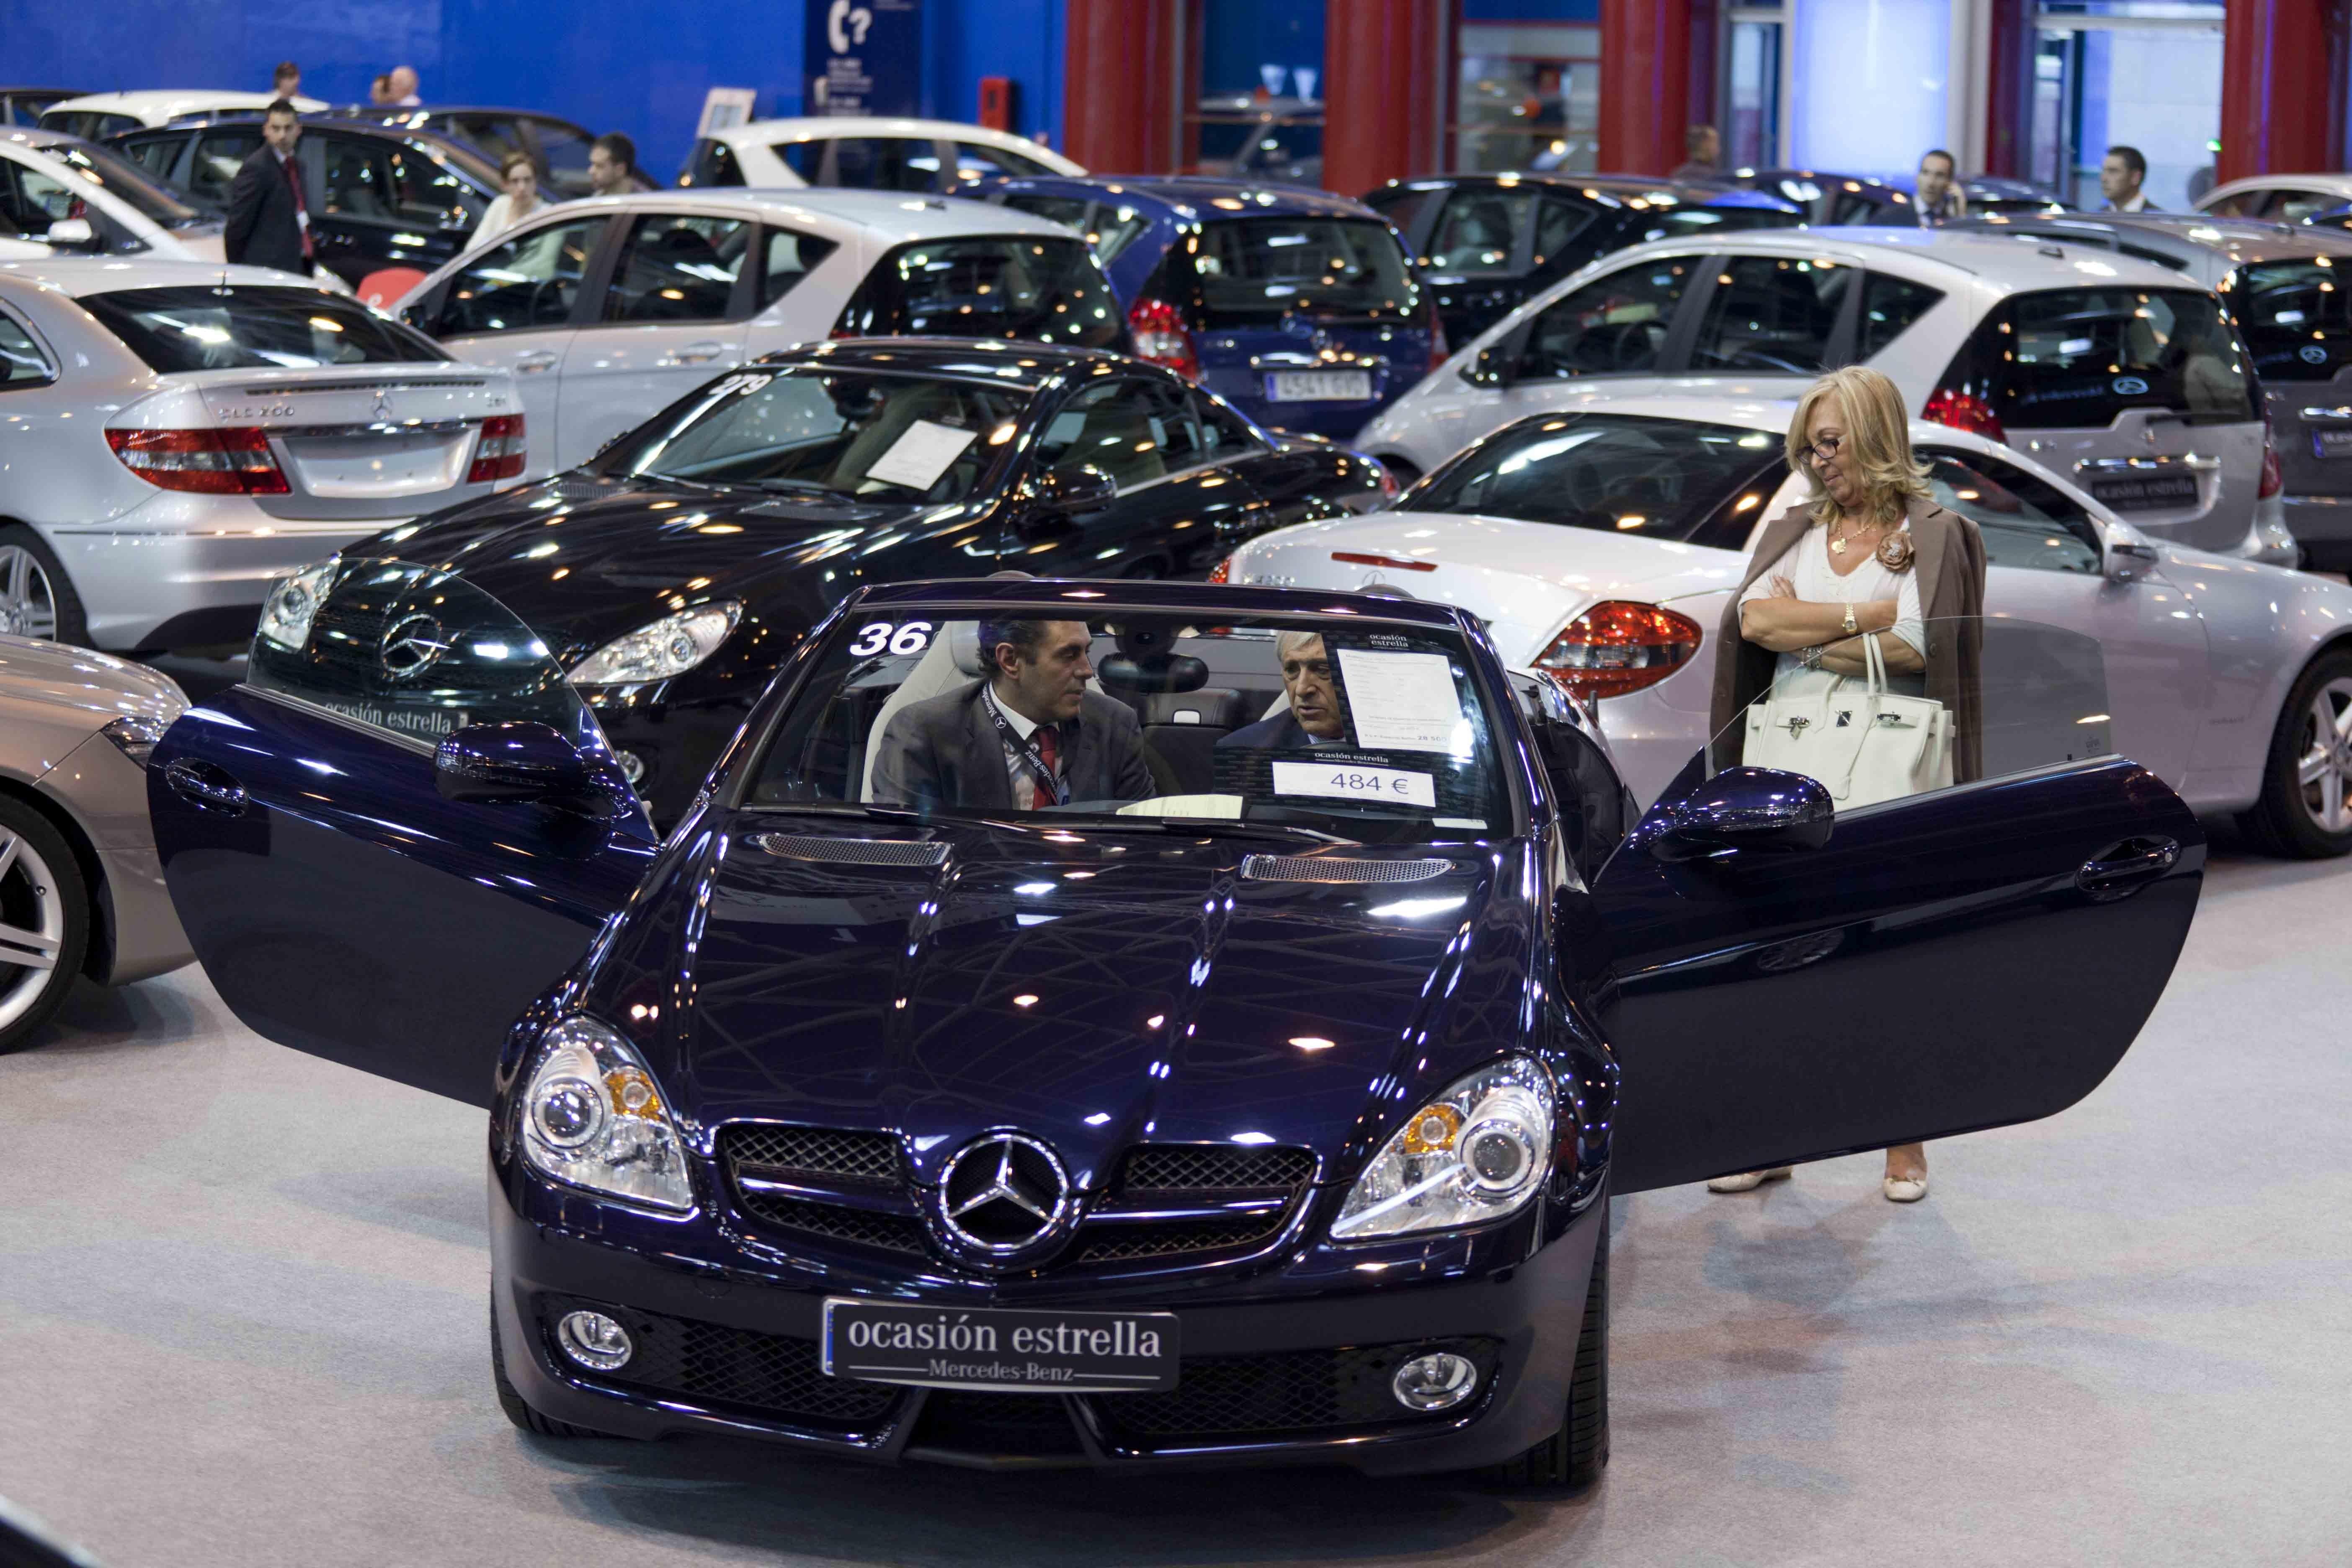 El Salón del Vehículo de Ocasión de Madrid de 2013 contará con la participación de 65 marcas y empresas